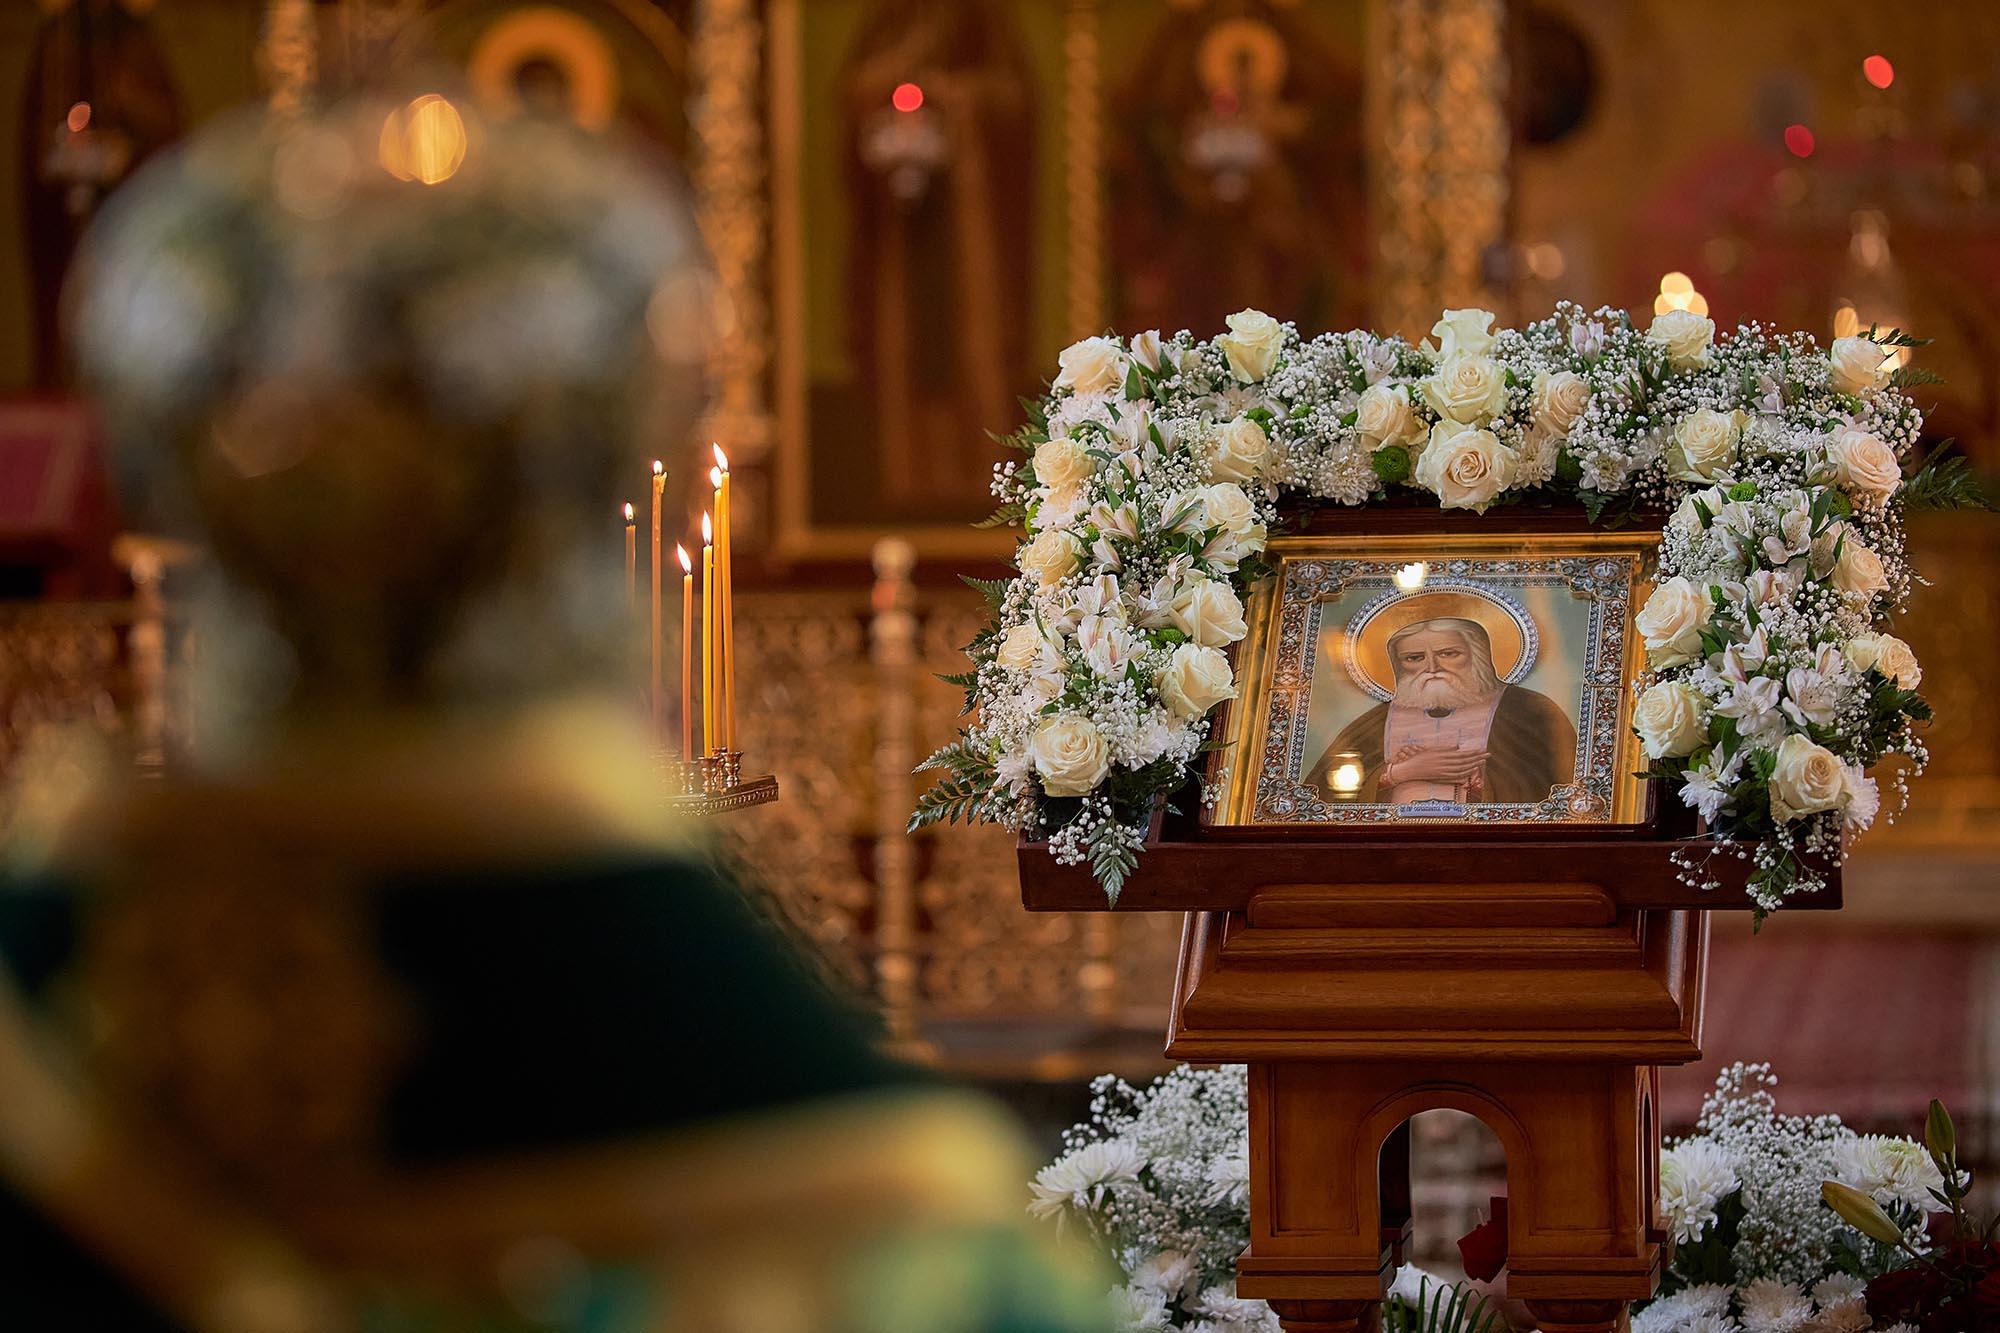 Божественная литургия в Свято-Успенском монастыре – Саровской пустыни в день памяти преподобного Серафима Саровского